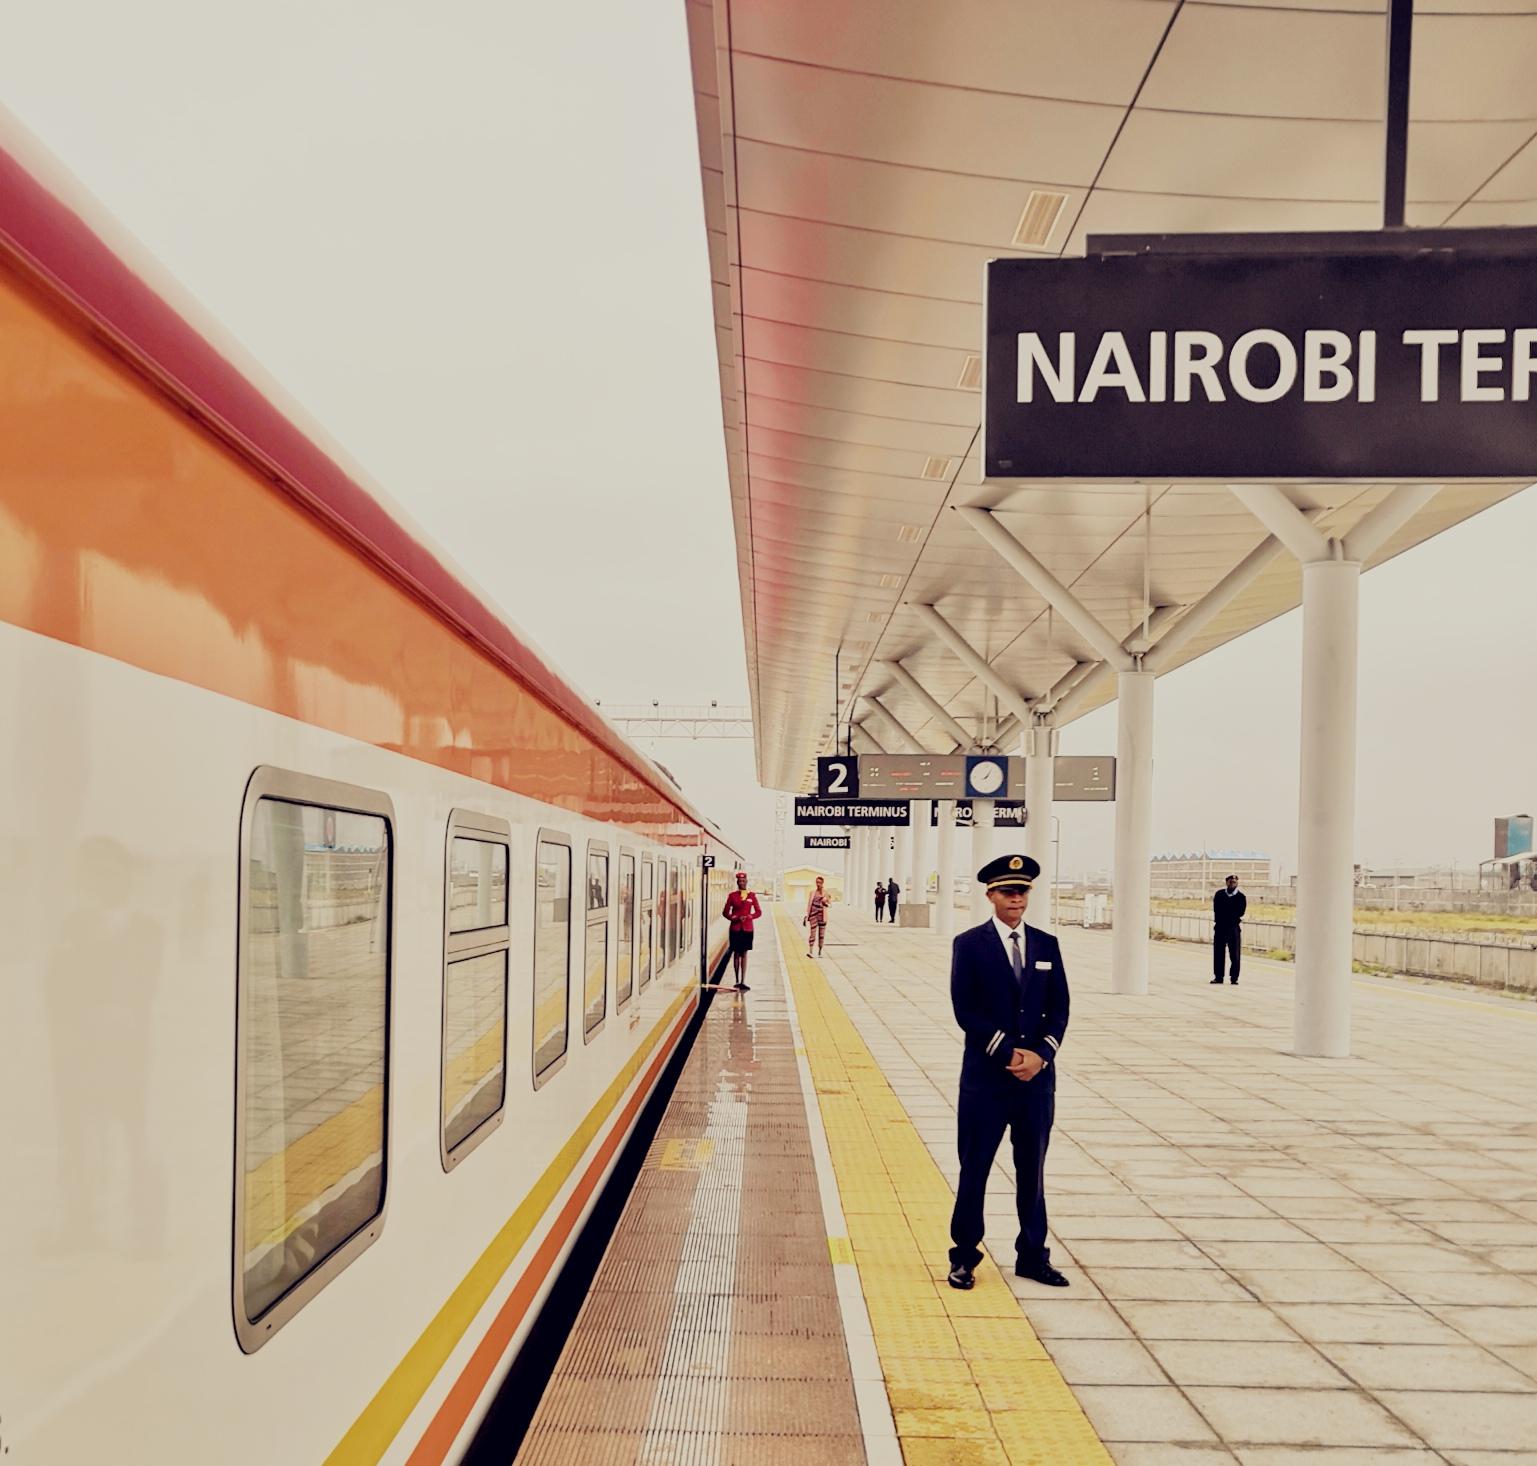 Nairobi sites de rencontre gratuits fille pakistanaise datant de noir